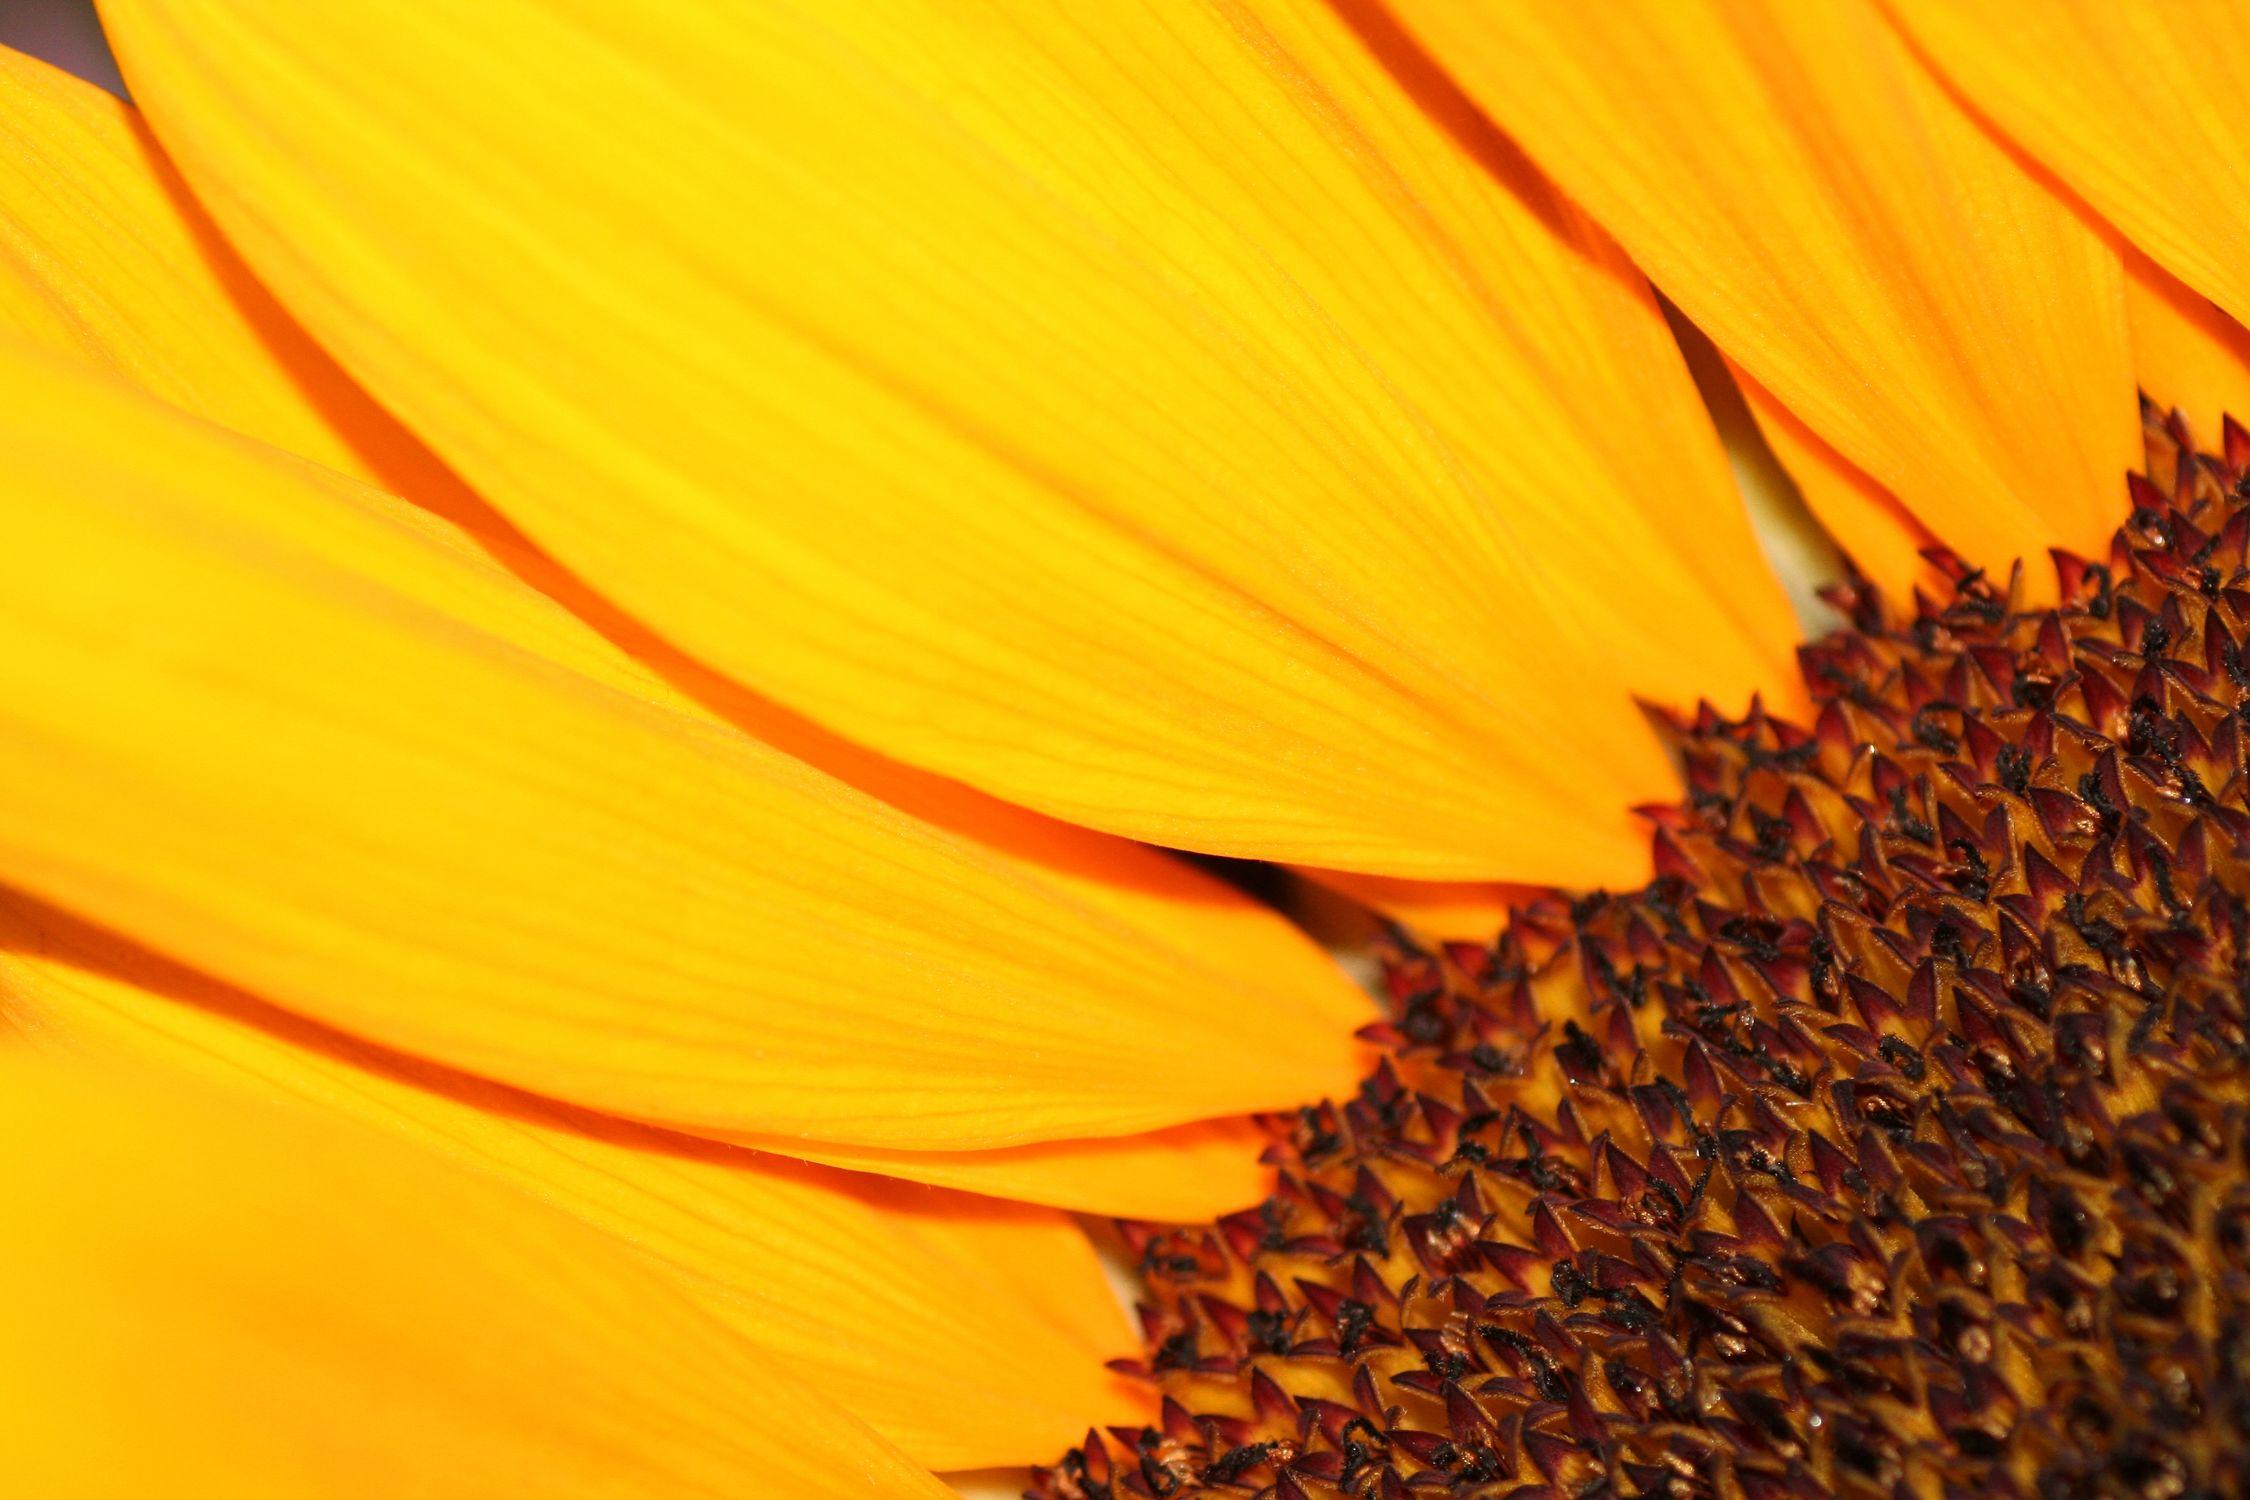 Bild mit Farben, Orange, Gelb, Natur, Pflanzen, Blumen, Korbblütler, Sonnenblumen, Blume, Flower, Flowers, Sonnenblume, Sunflower, Sunflowers, Helianthus annuus, Helianthus, Asteraceae